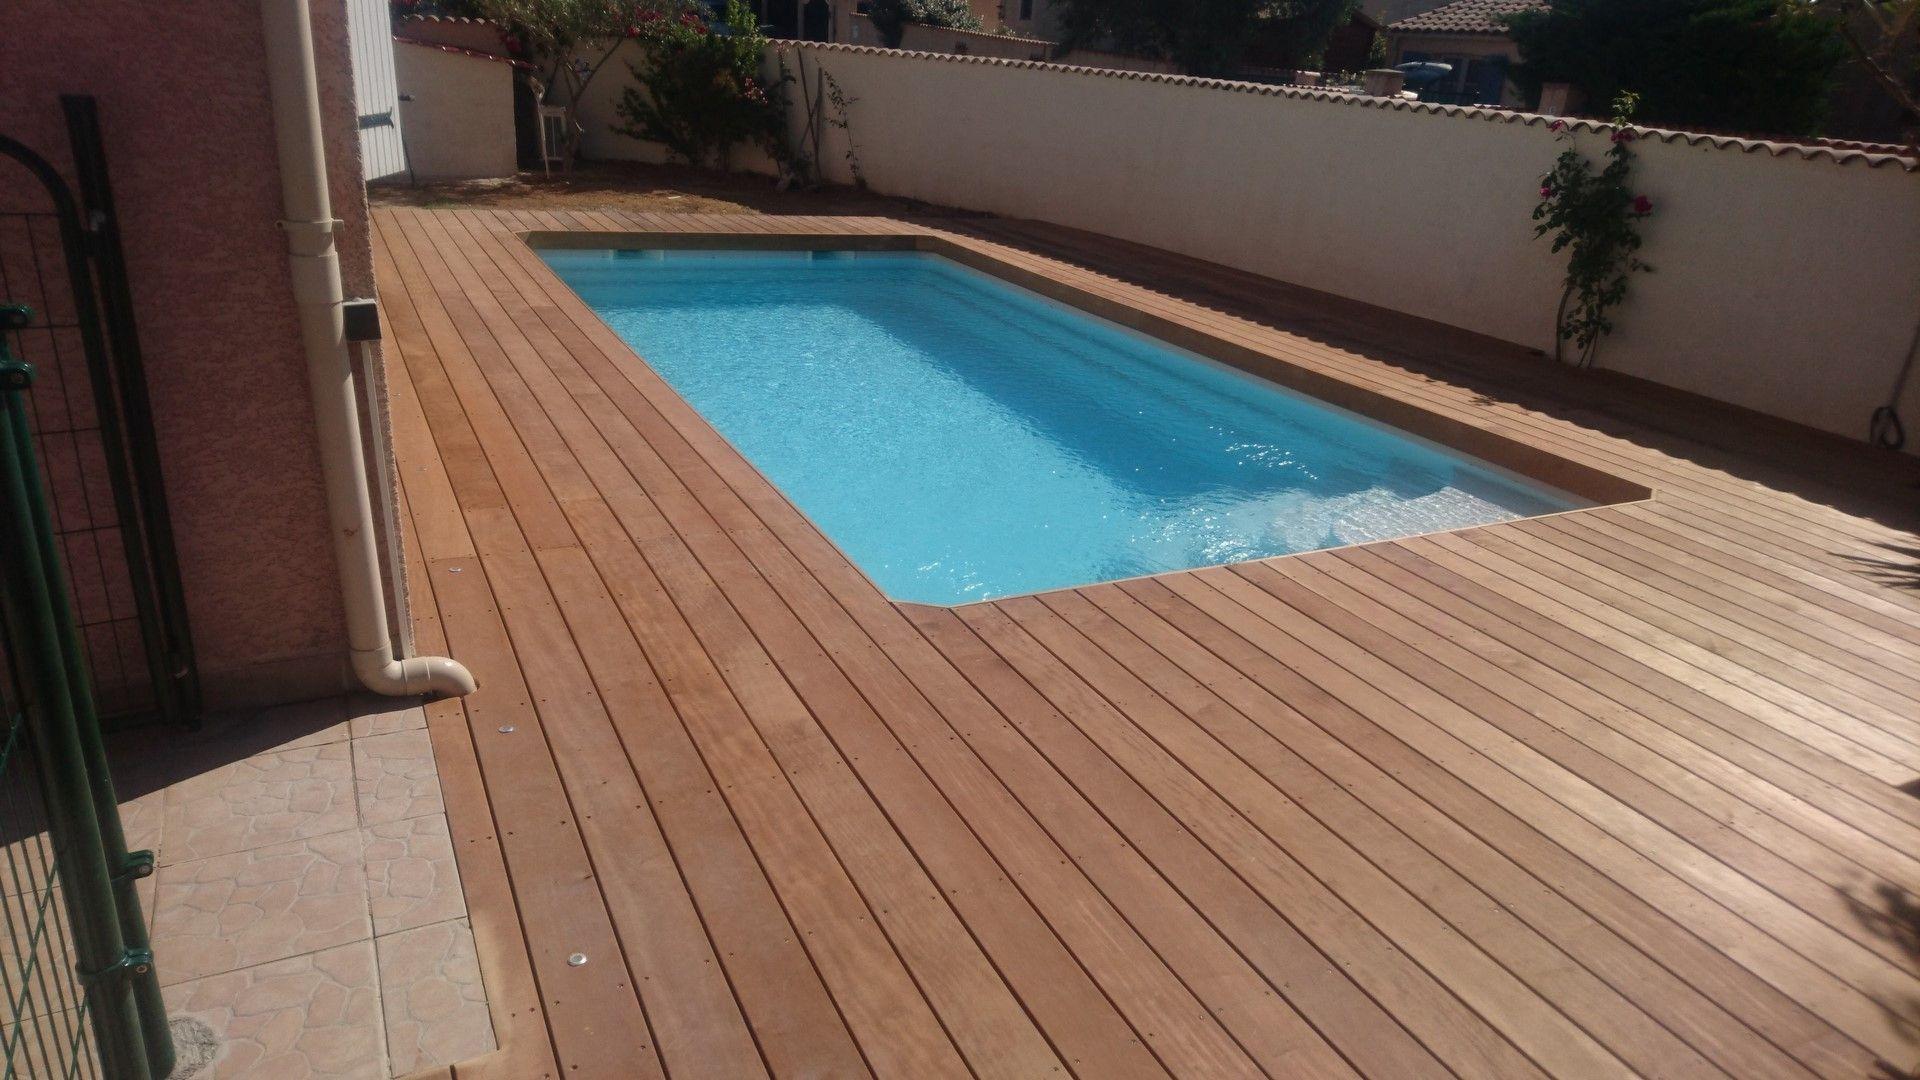 tour dune piscine bois en bois exotique itauba sur plots btons gardanne parquet